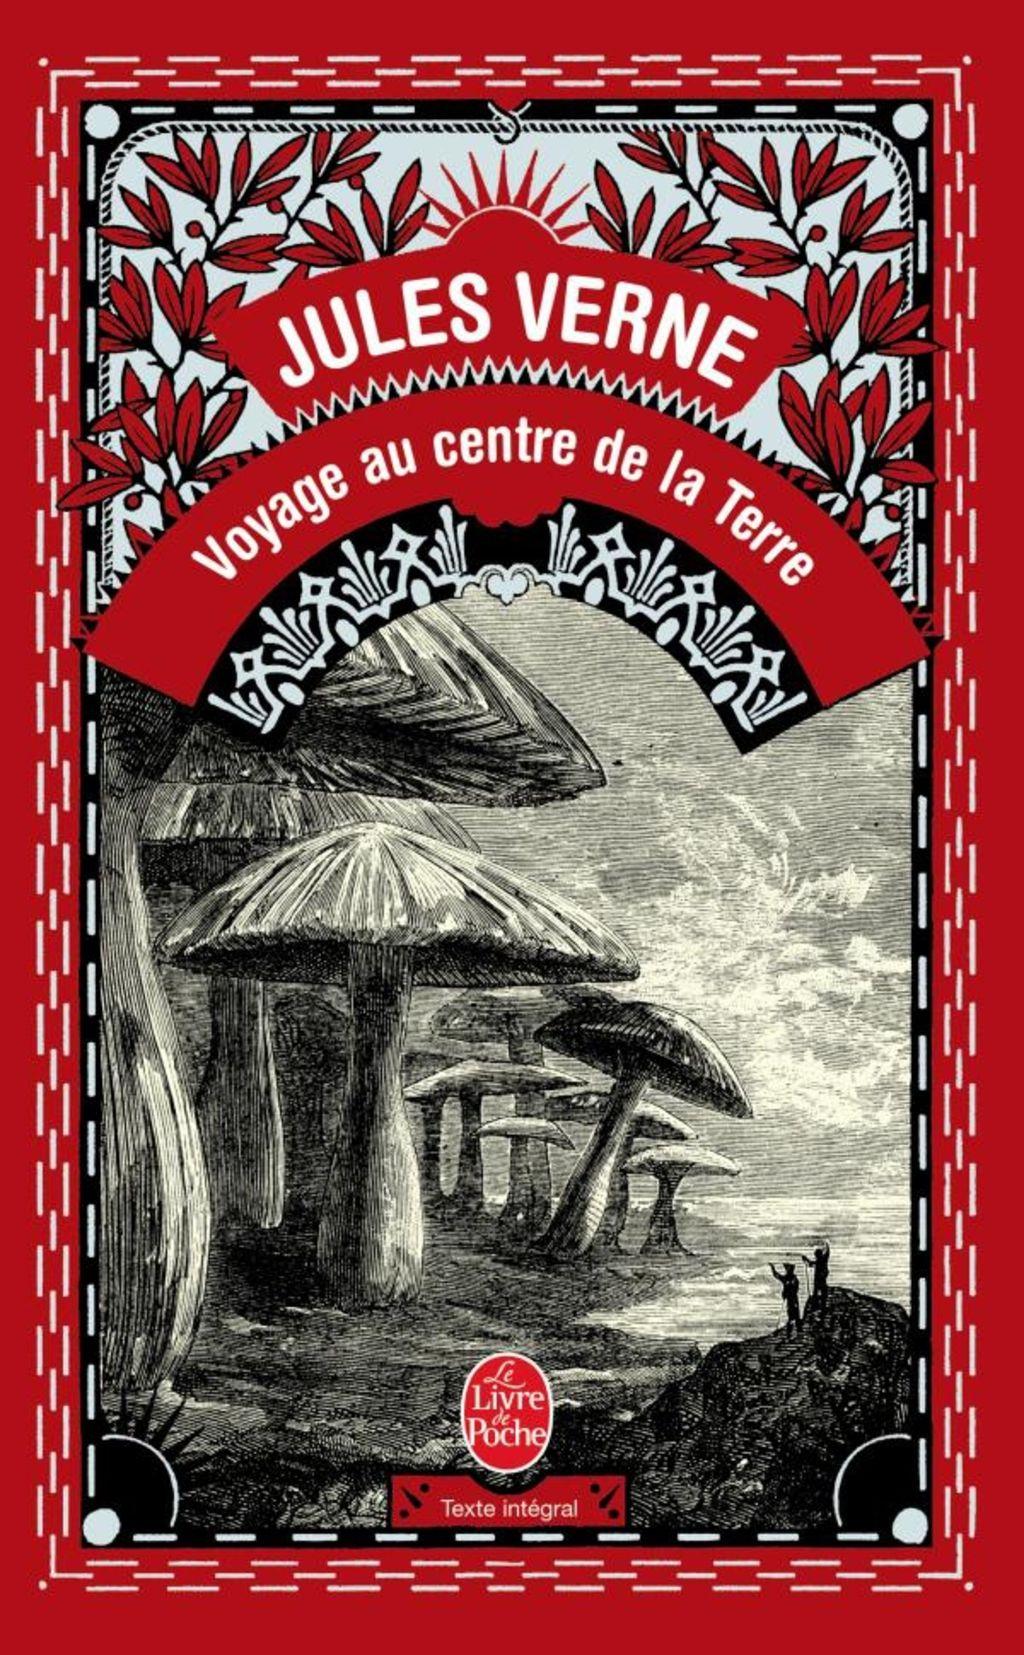 Voyage Au Centre De La Terre Ebook In 2019 Jules Verne